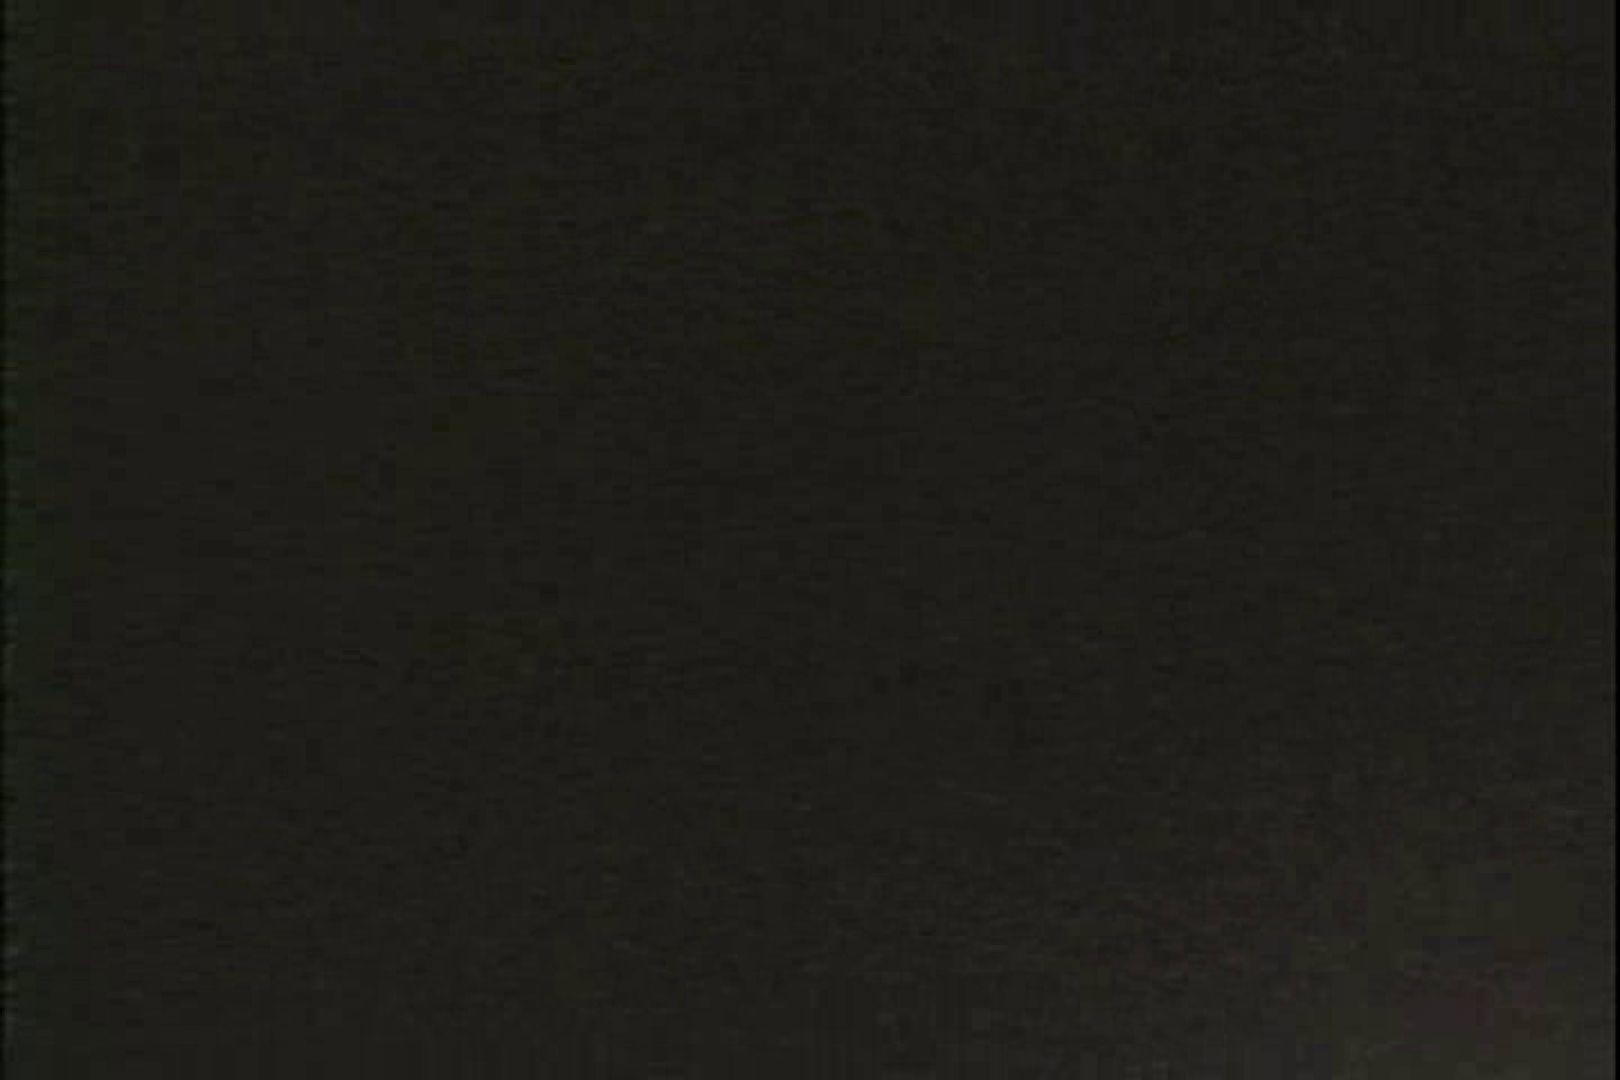 巨乳 乳首:「ちくりん」さんのオリジナル未編集パンチラVol.6_02:ピープフォックス(盗撮狐)